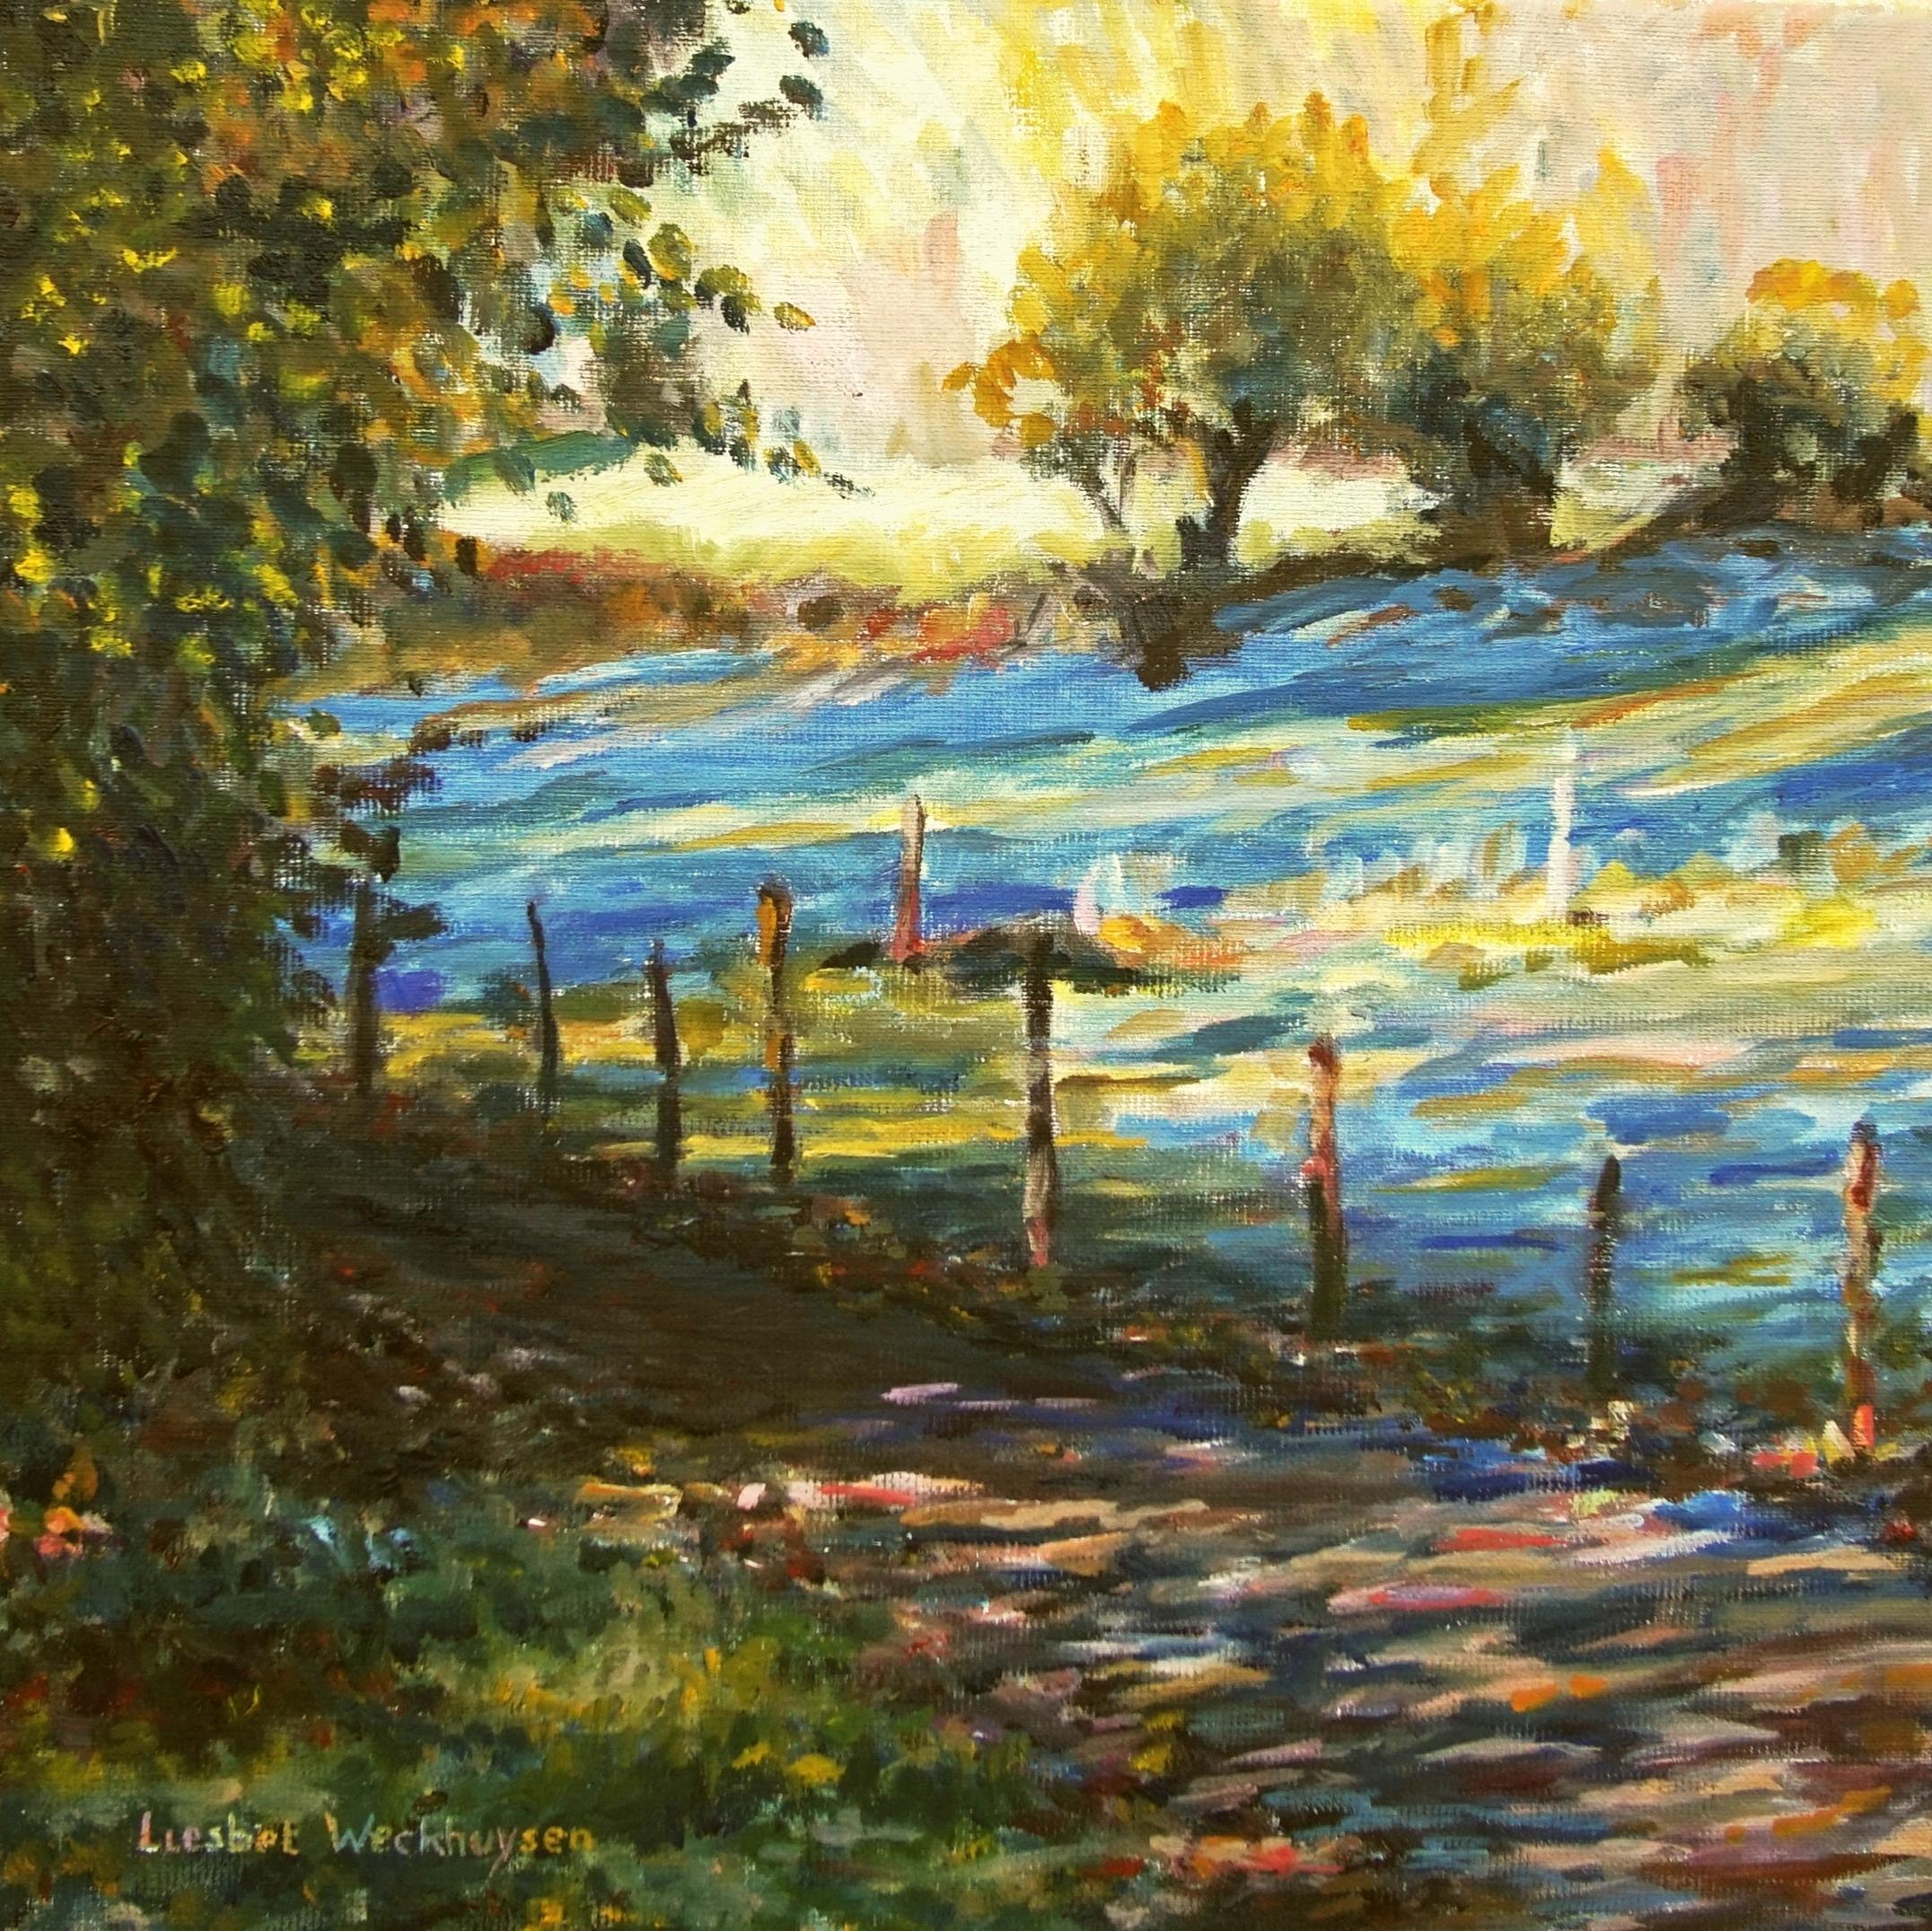 AutumnLiesbetWeckhuysen